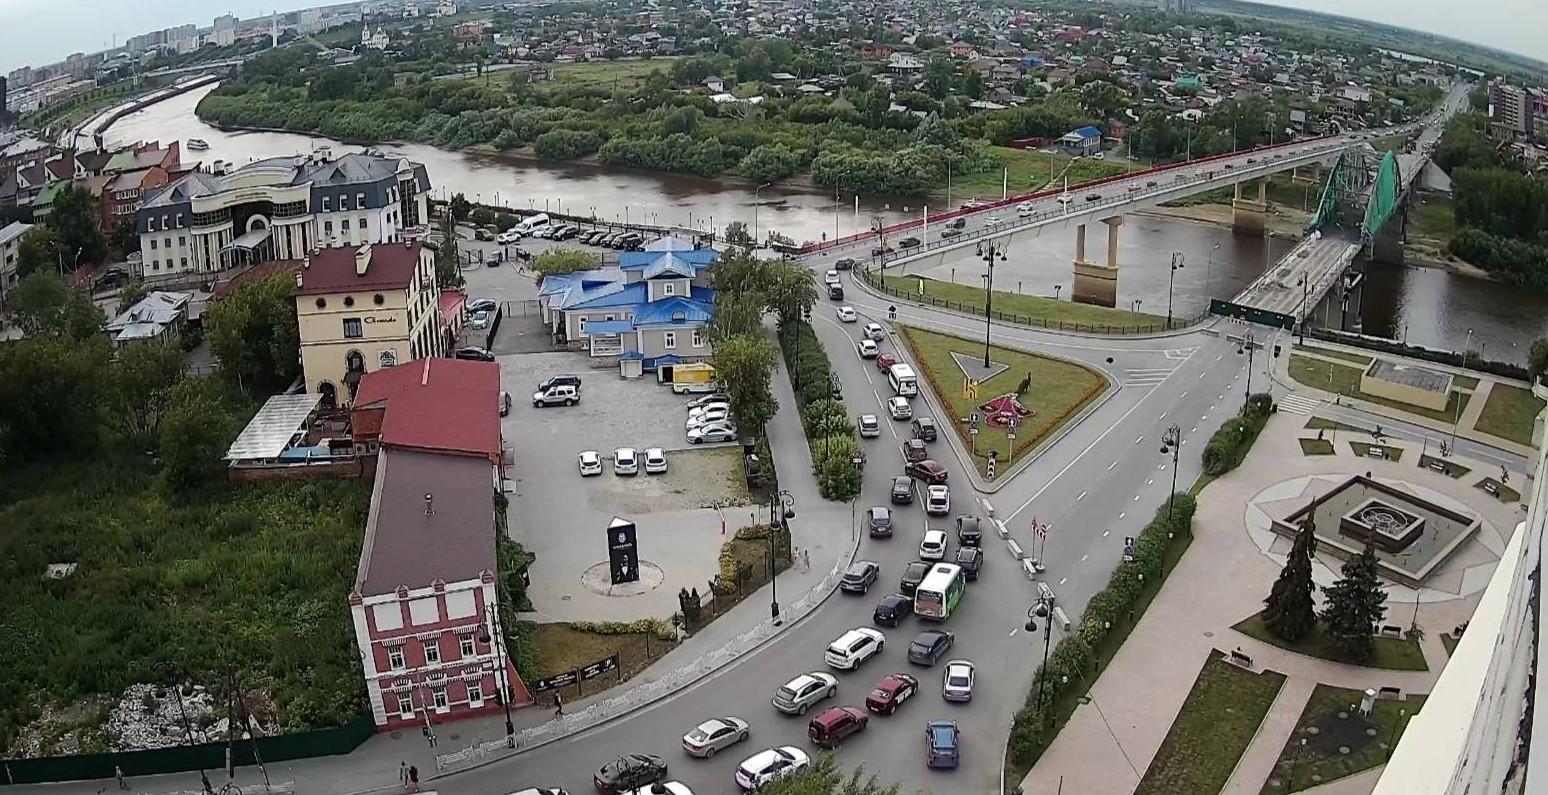 Тюмень: 11 млн рублей потратят на видеонаблюдение в городе